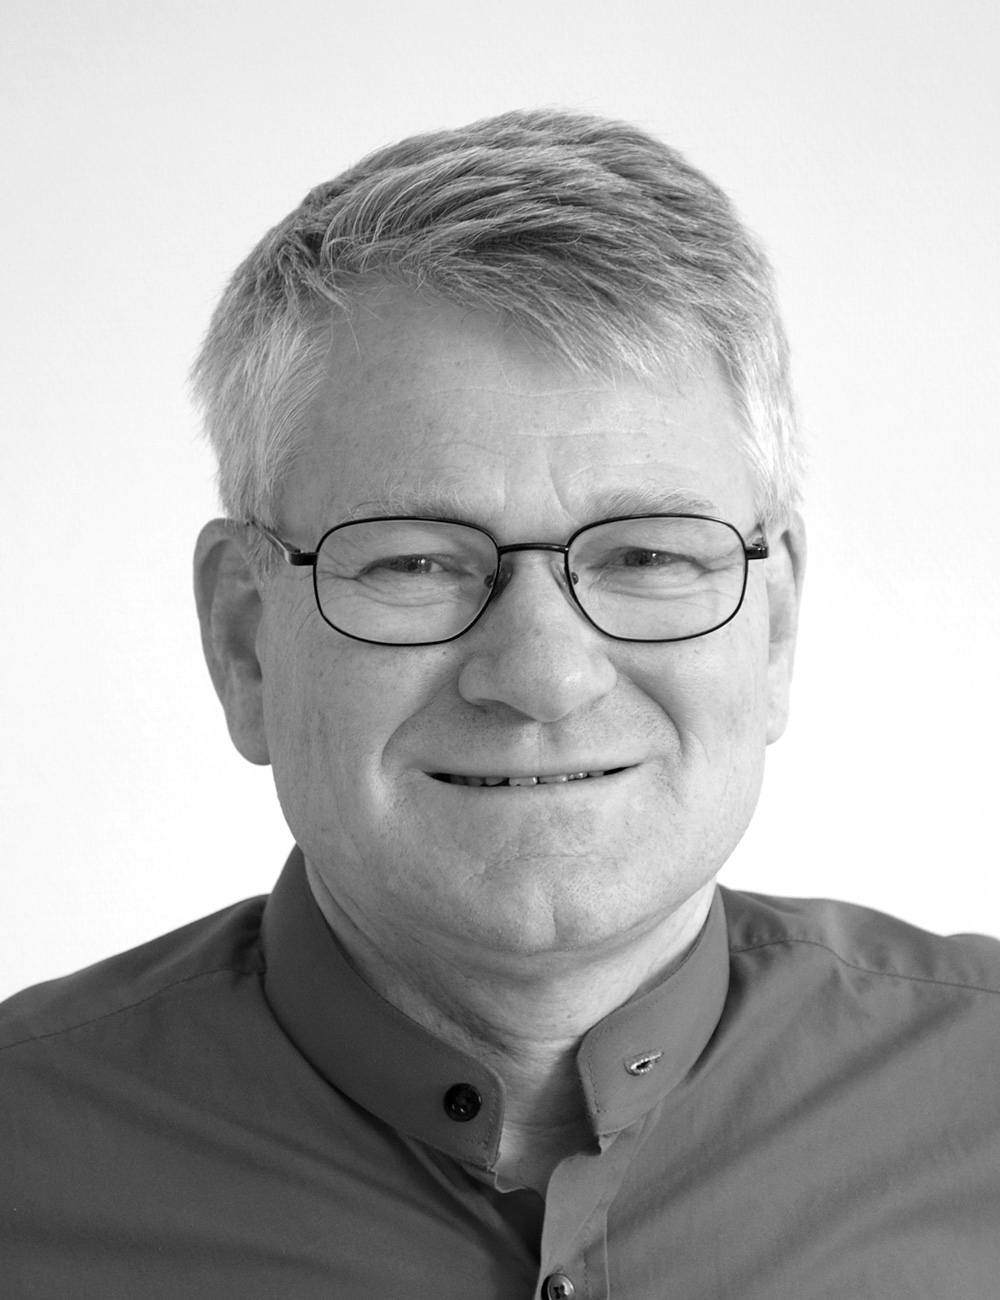 Trond Pettersen Civil Architect +47 930 01 393 trond.pettersen@kontur.as